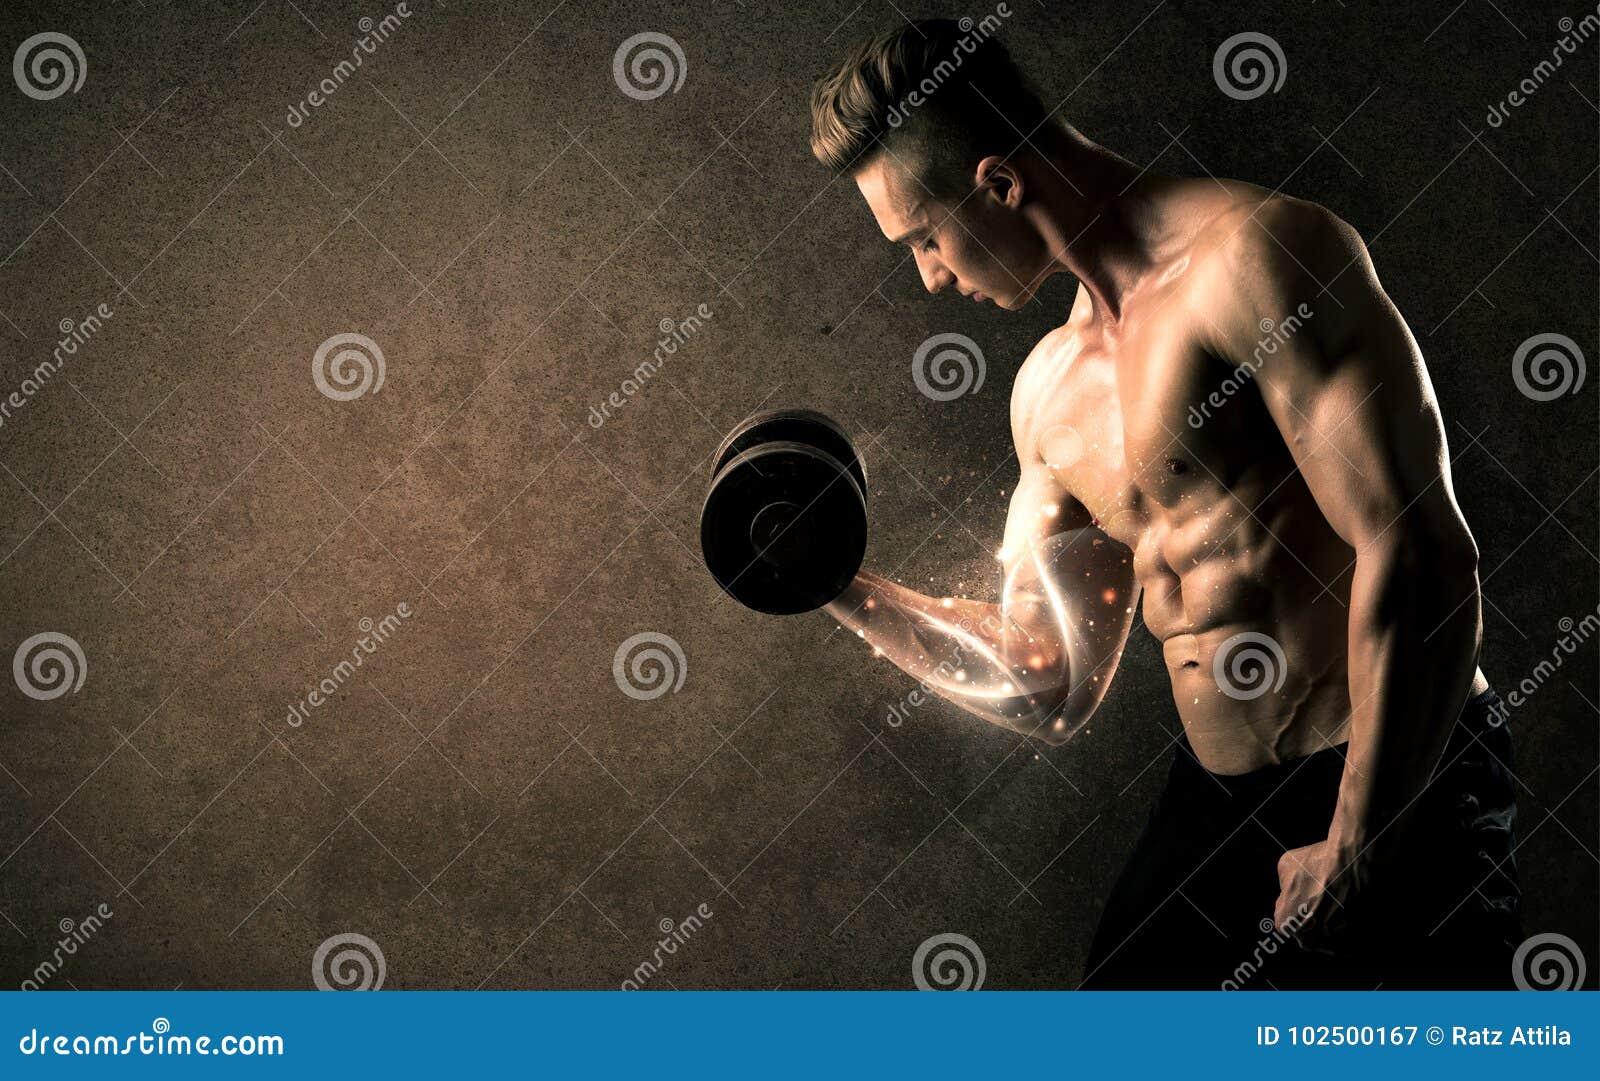 Anhebendes Gewicht des Bodybuilders mit energischen weißen Linien Konzept